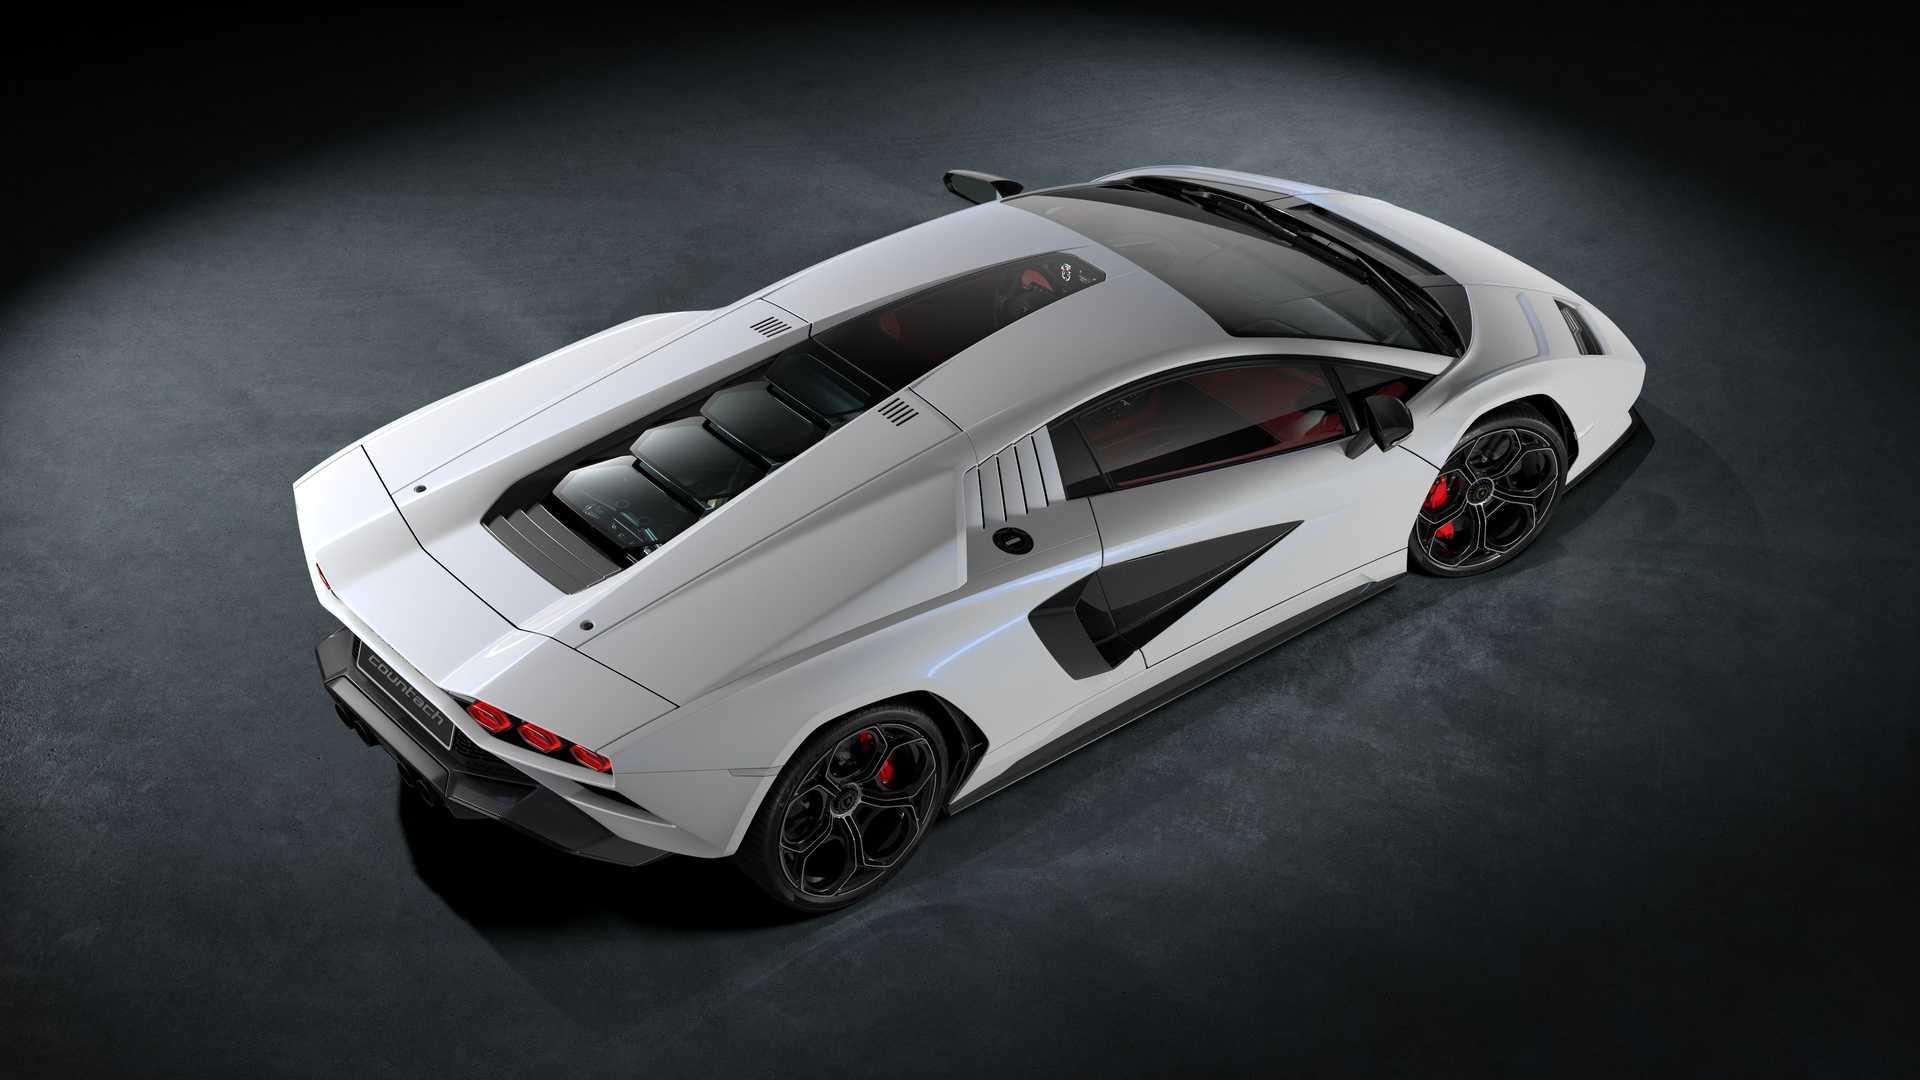 New Lamborghini Countach Terungkap Sebagai Hypercar Hybrid V12 803 Hp